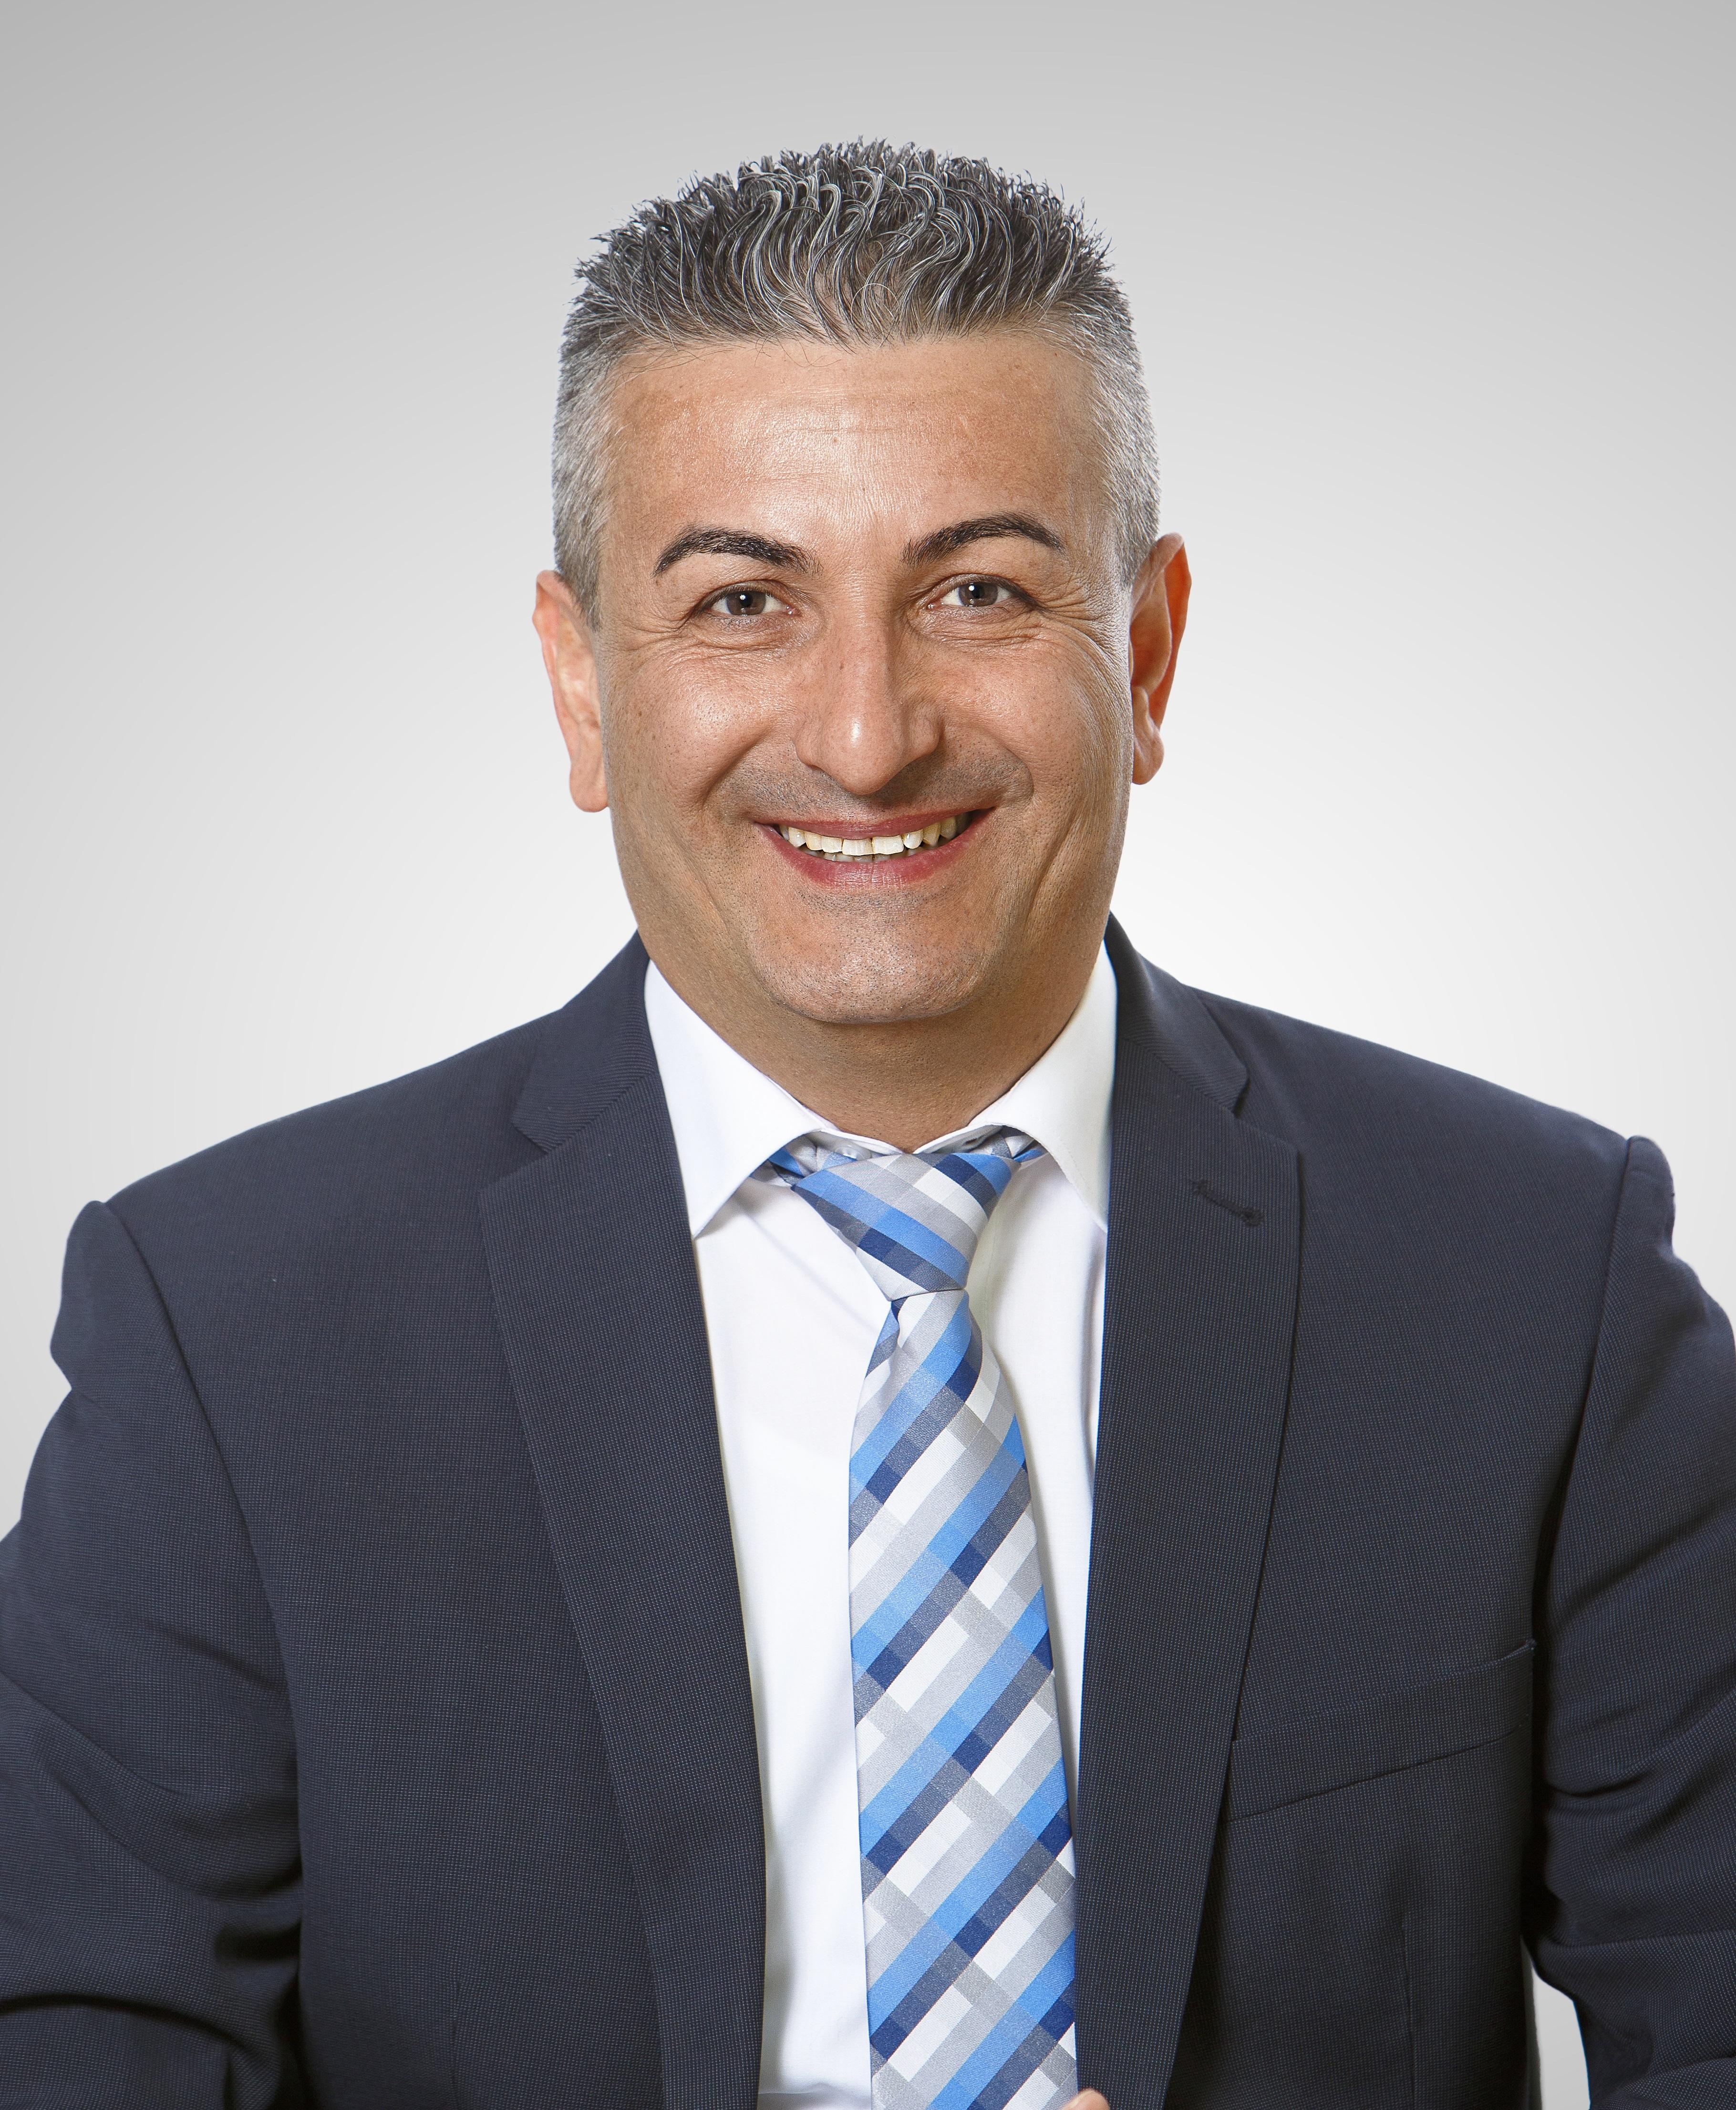 Cihan Akin